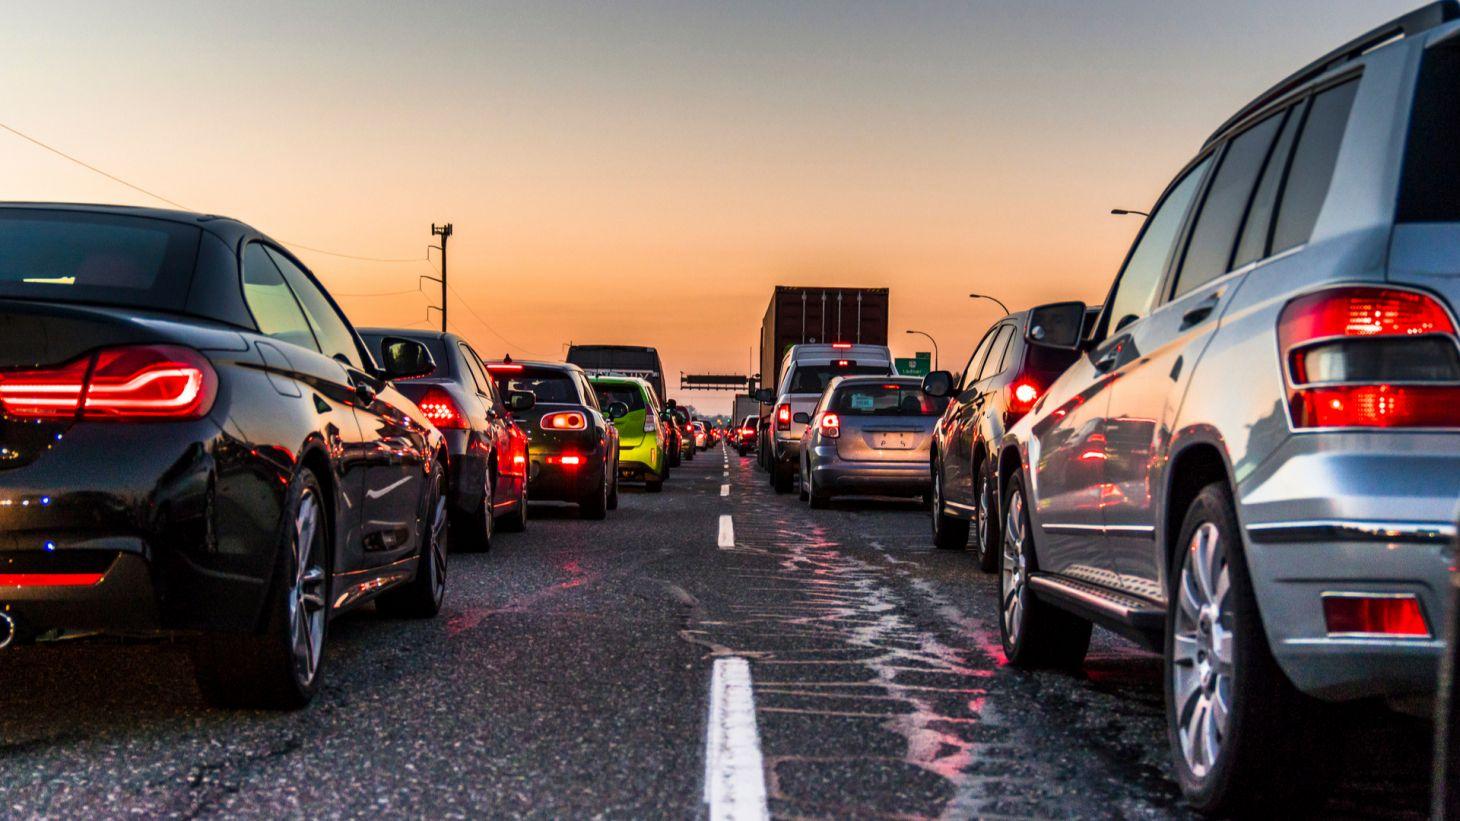 transito trafego carros estrada rodovia traseira